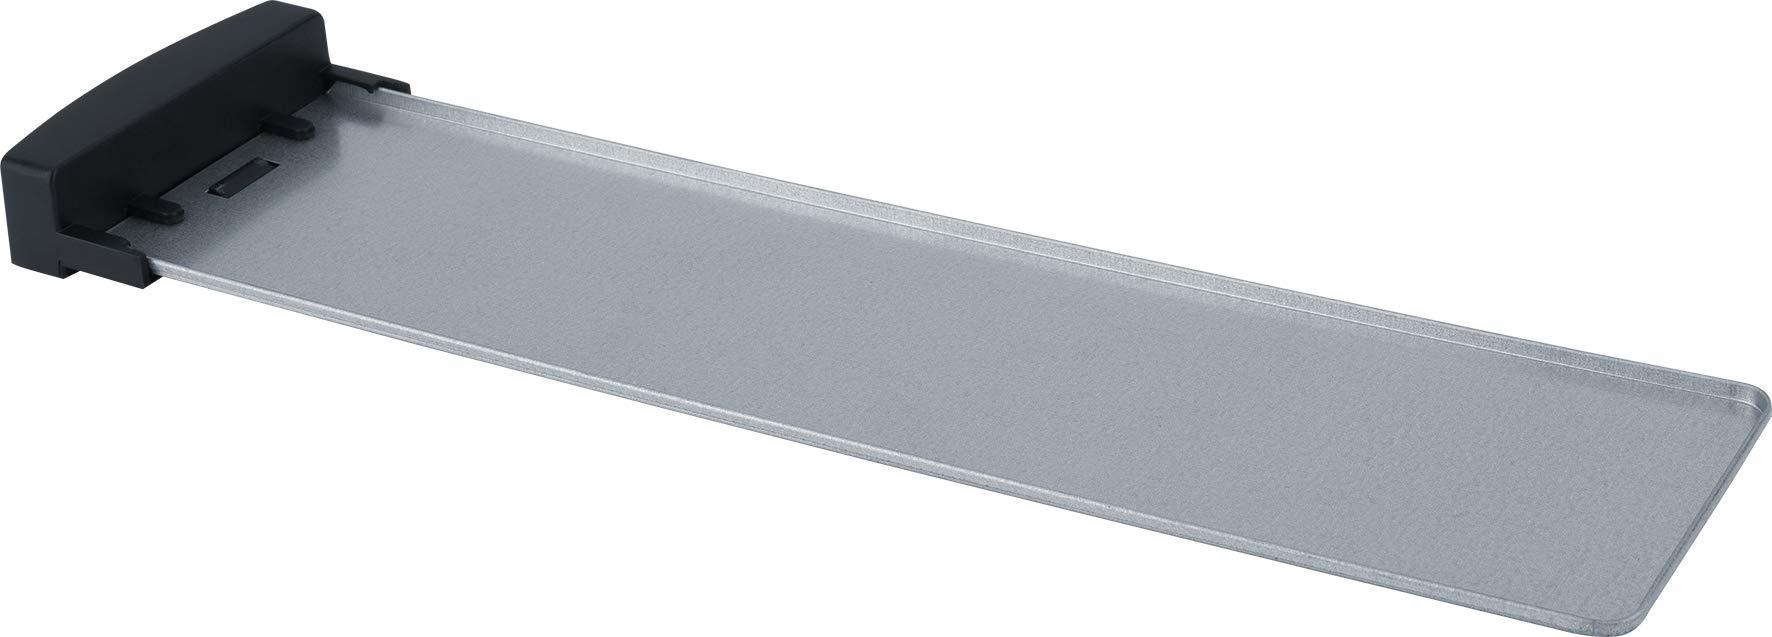 Steba-Automatik-Langschlitztoaster-TO-21-Inox-fr-4-Scheiben-Toast-Anti-Fingerprint-Gehuse-7-Brunungsstufen-einstellbar-4-Funktionen-Toasten-Auftauen-Aufwrmen-Stoppen